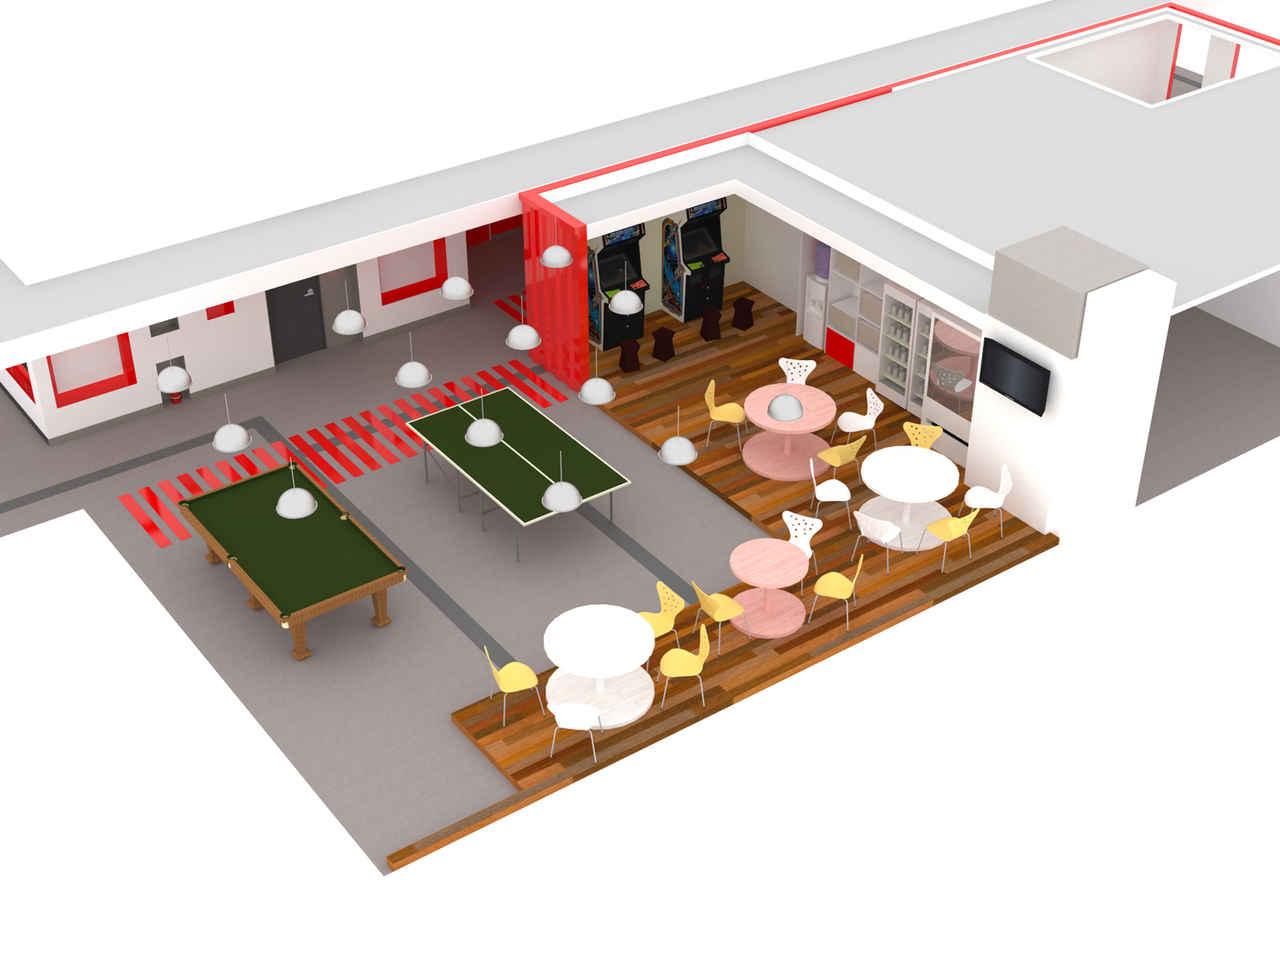 2KGC_cafeteria general V2.jpg